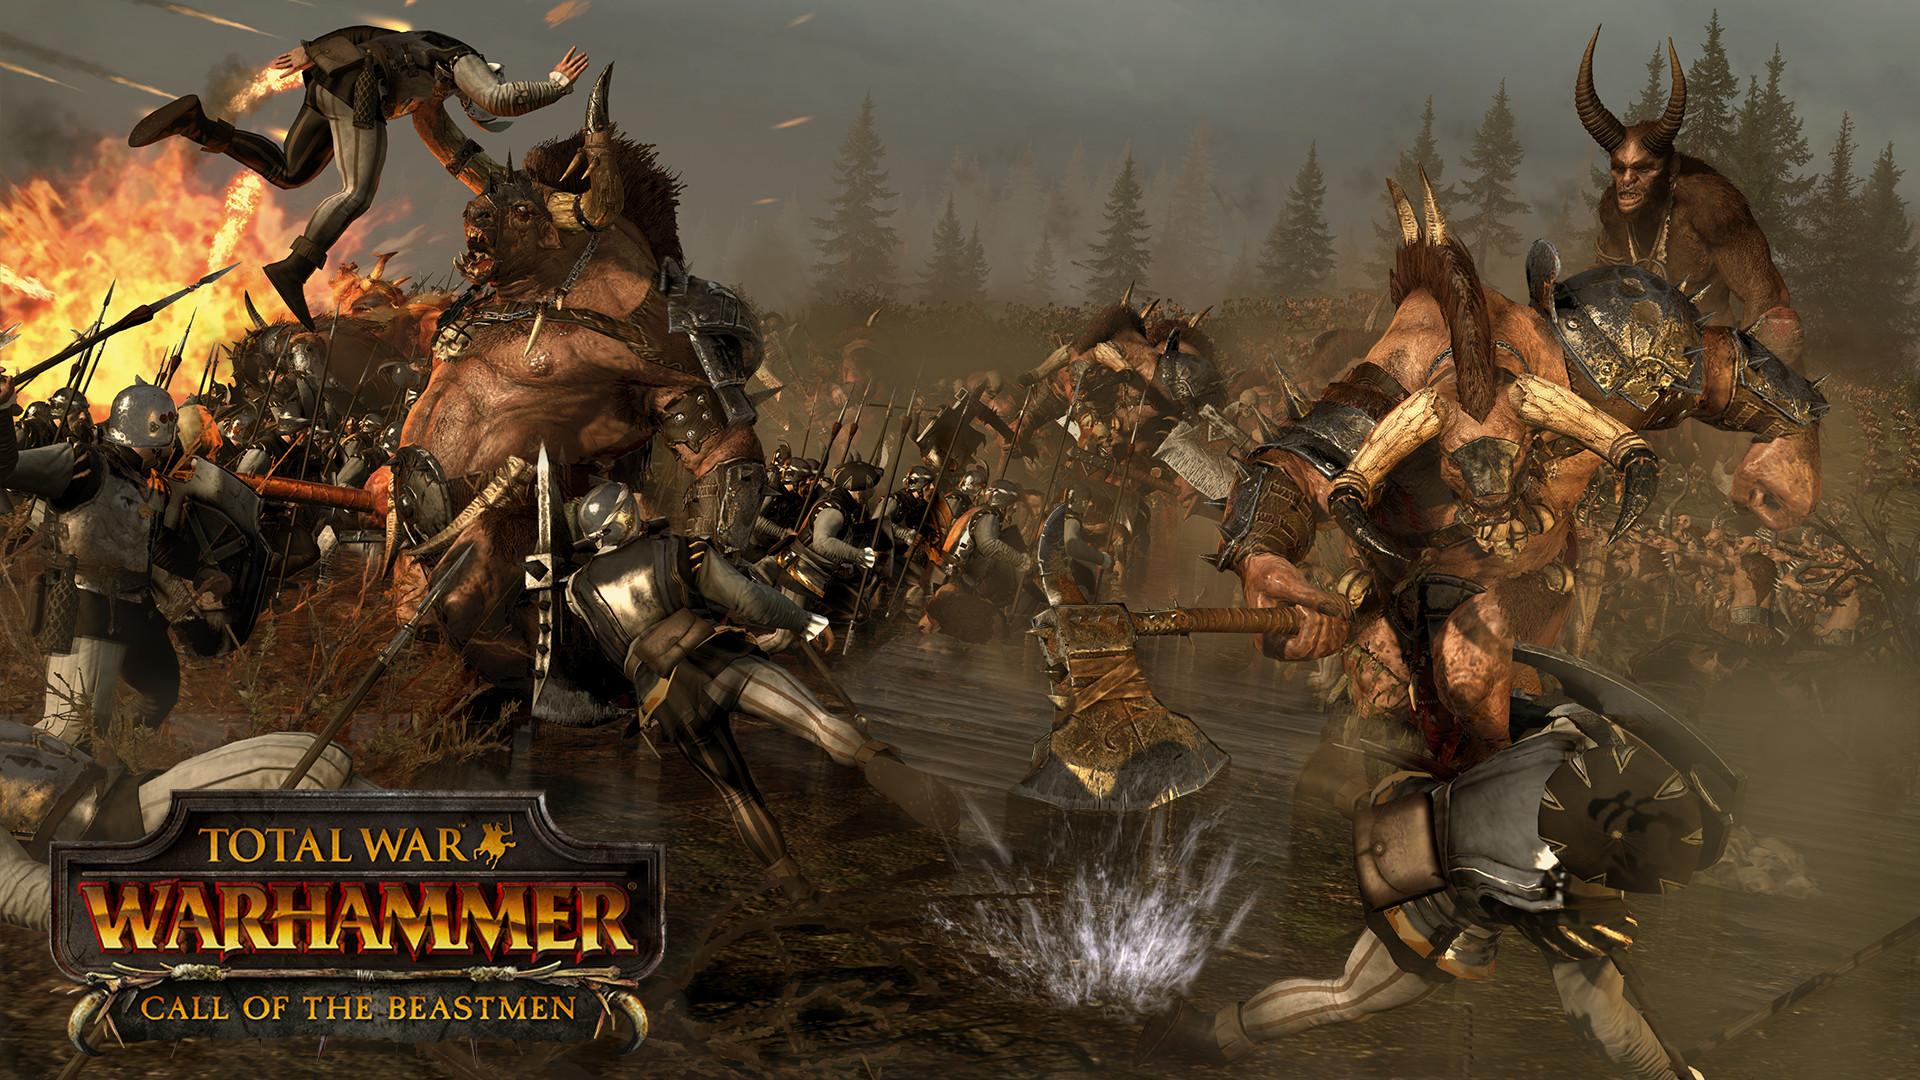 Třetí DLC do Total War: Warhammer bude zaměřeno na Beastmeny 127059